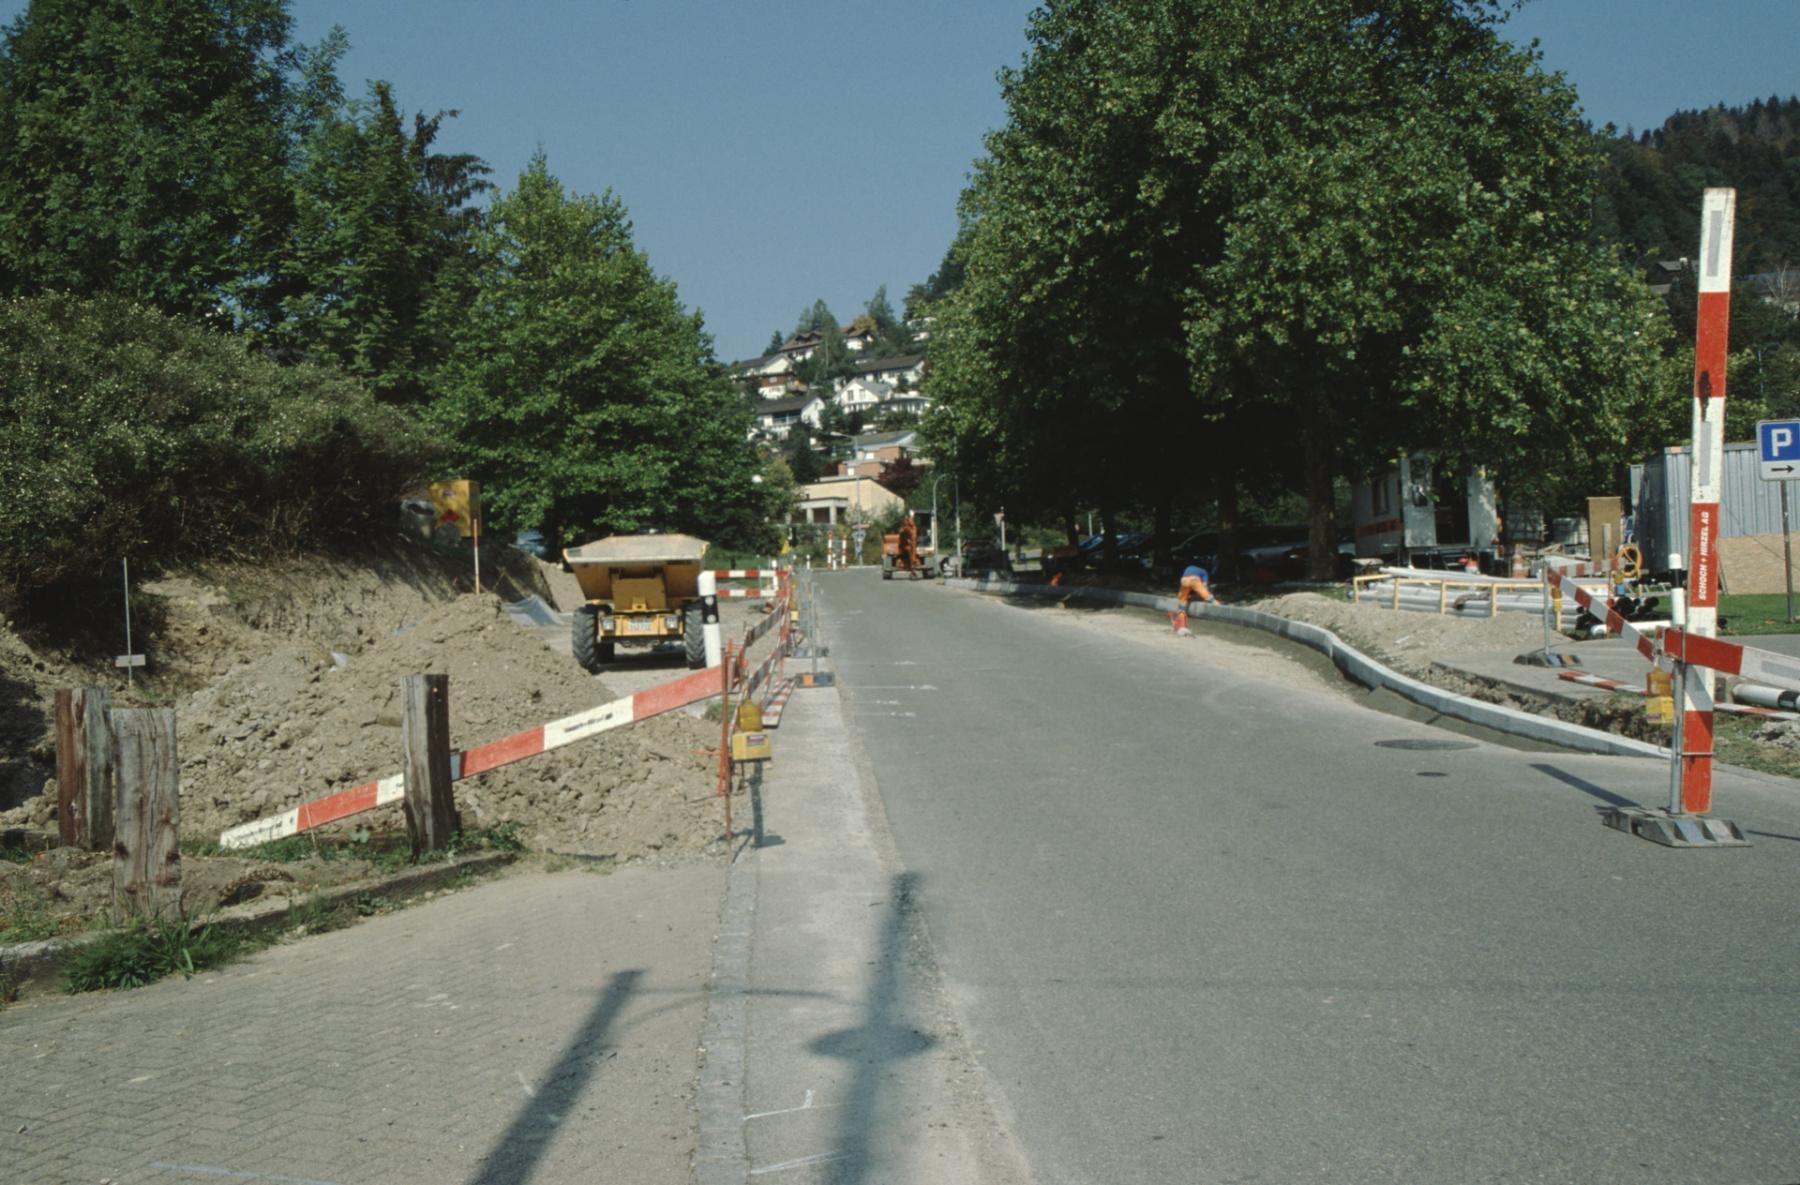 Zwei neue Bushaltestellen im Bau